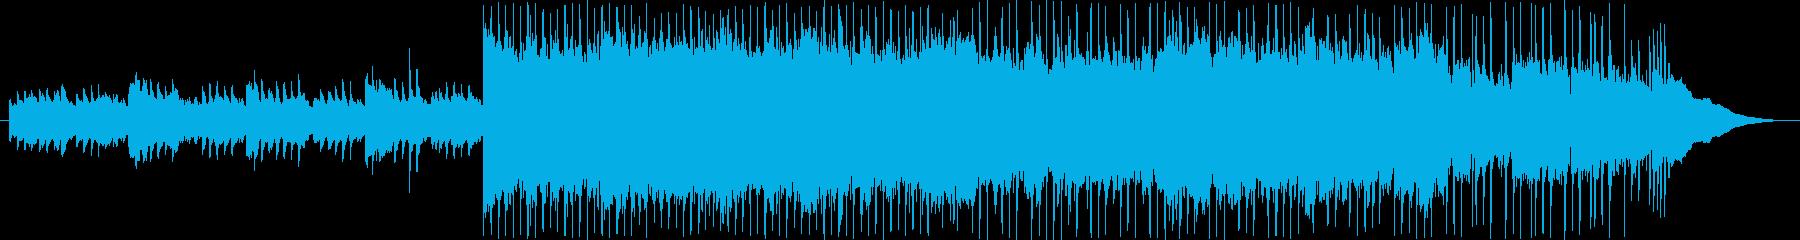 非常に楽観的で前向きなエネルギッシ...の再生済みの波形